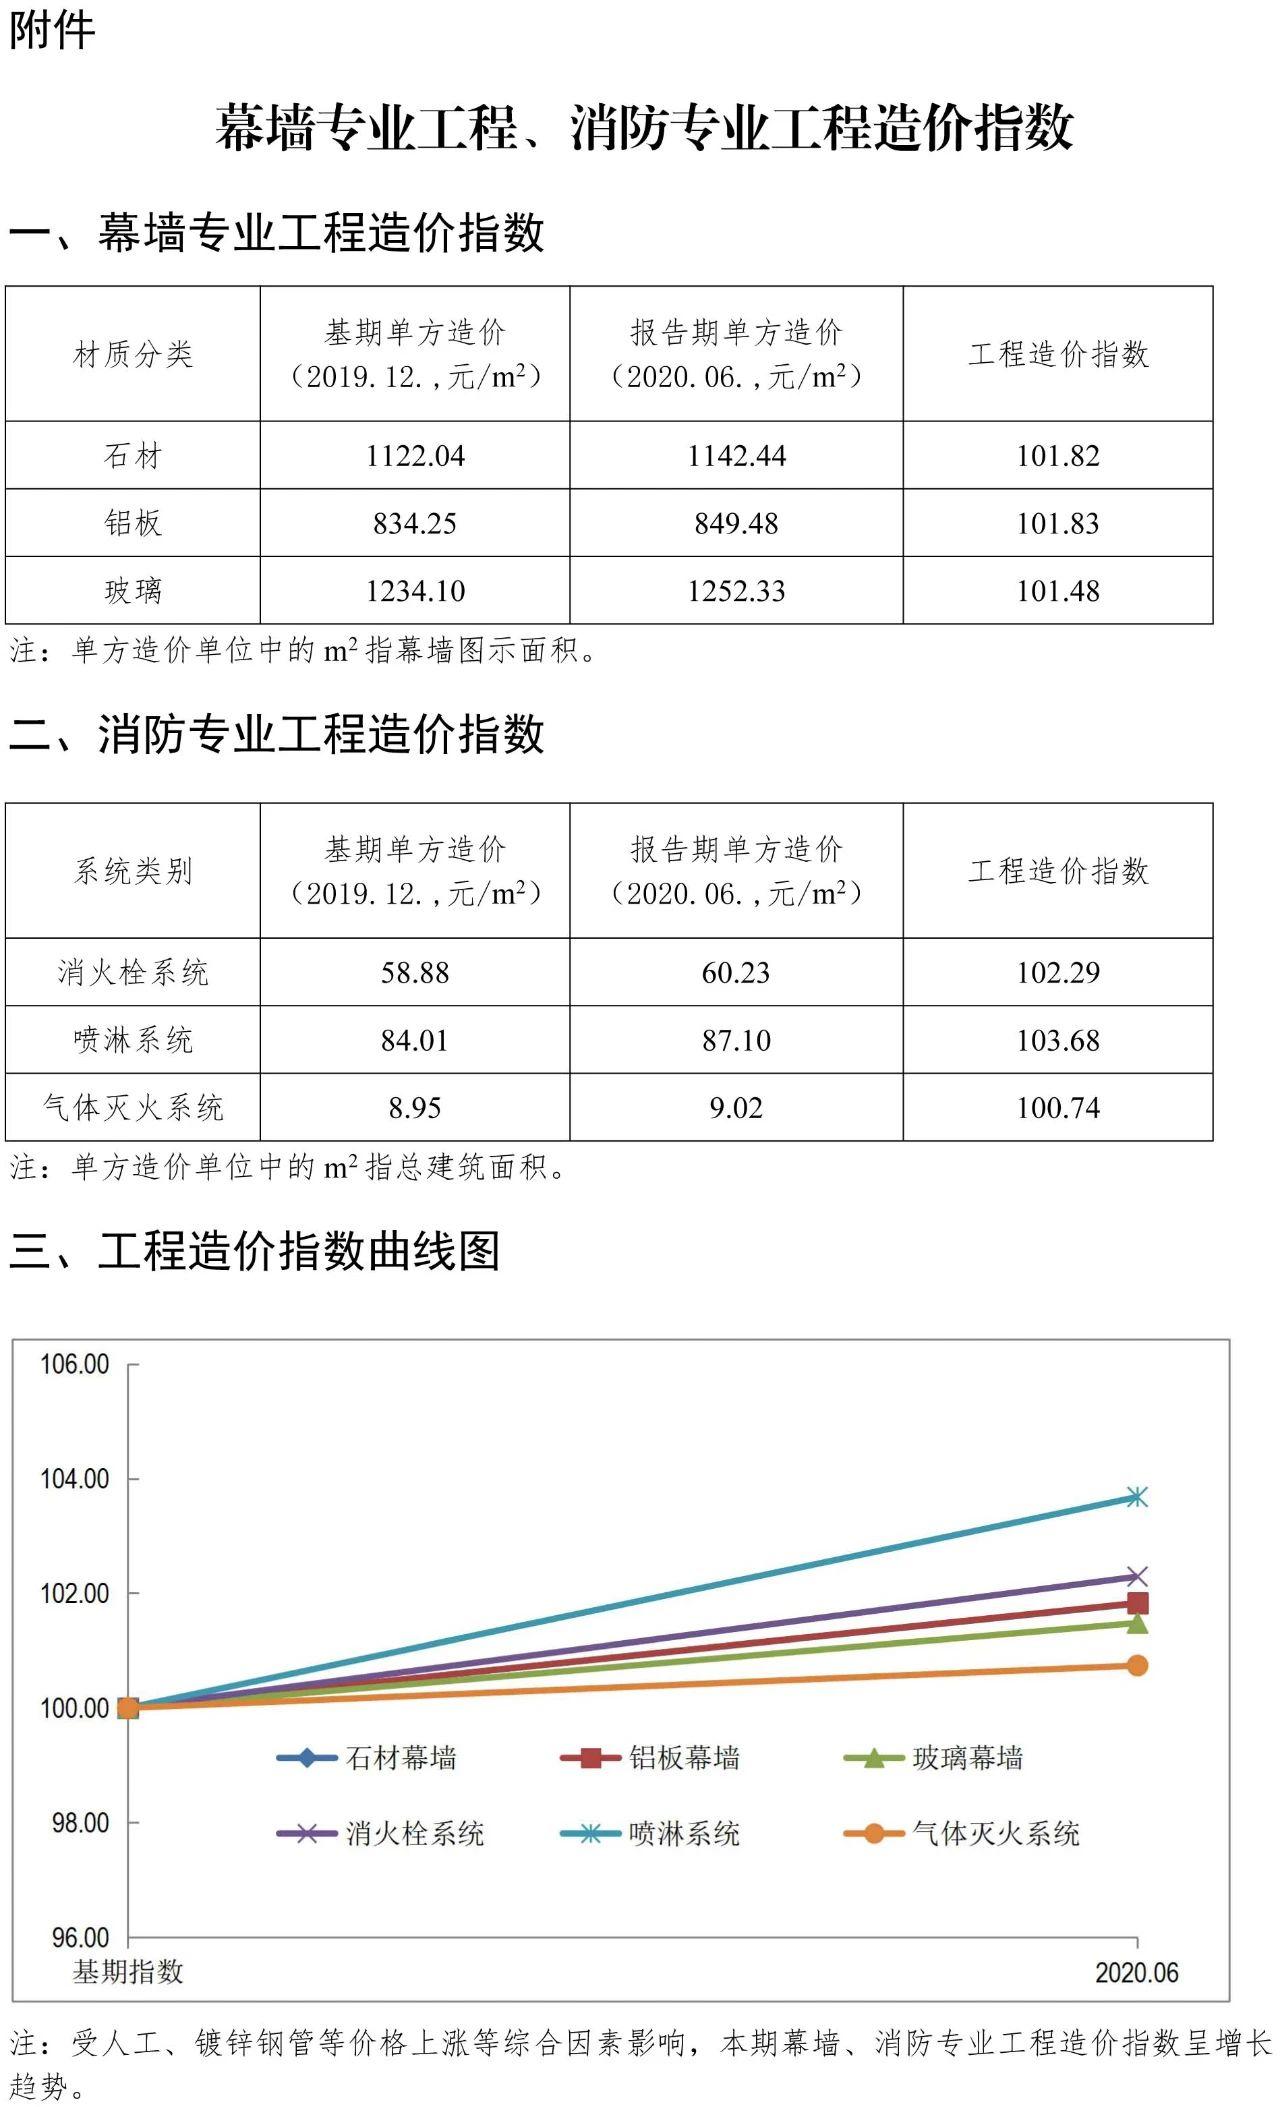 幕墙专业工程造价指数.jpg